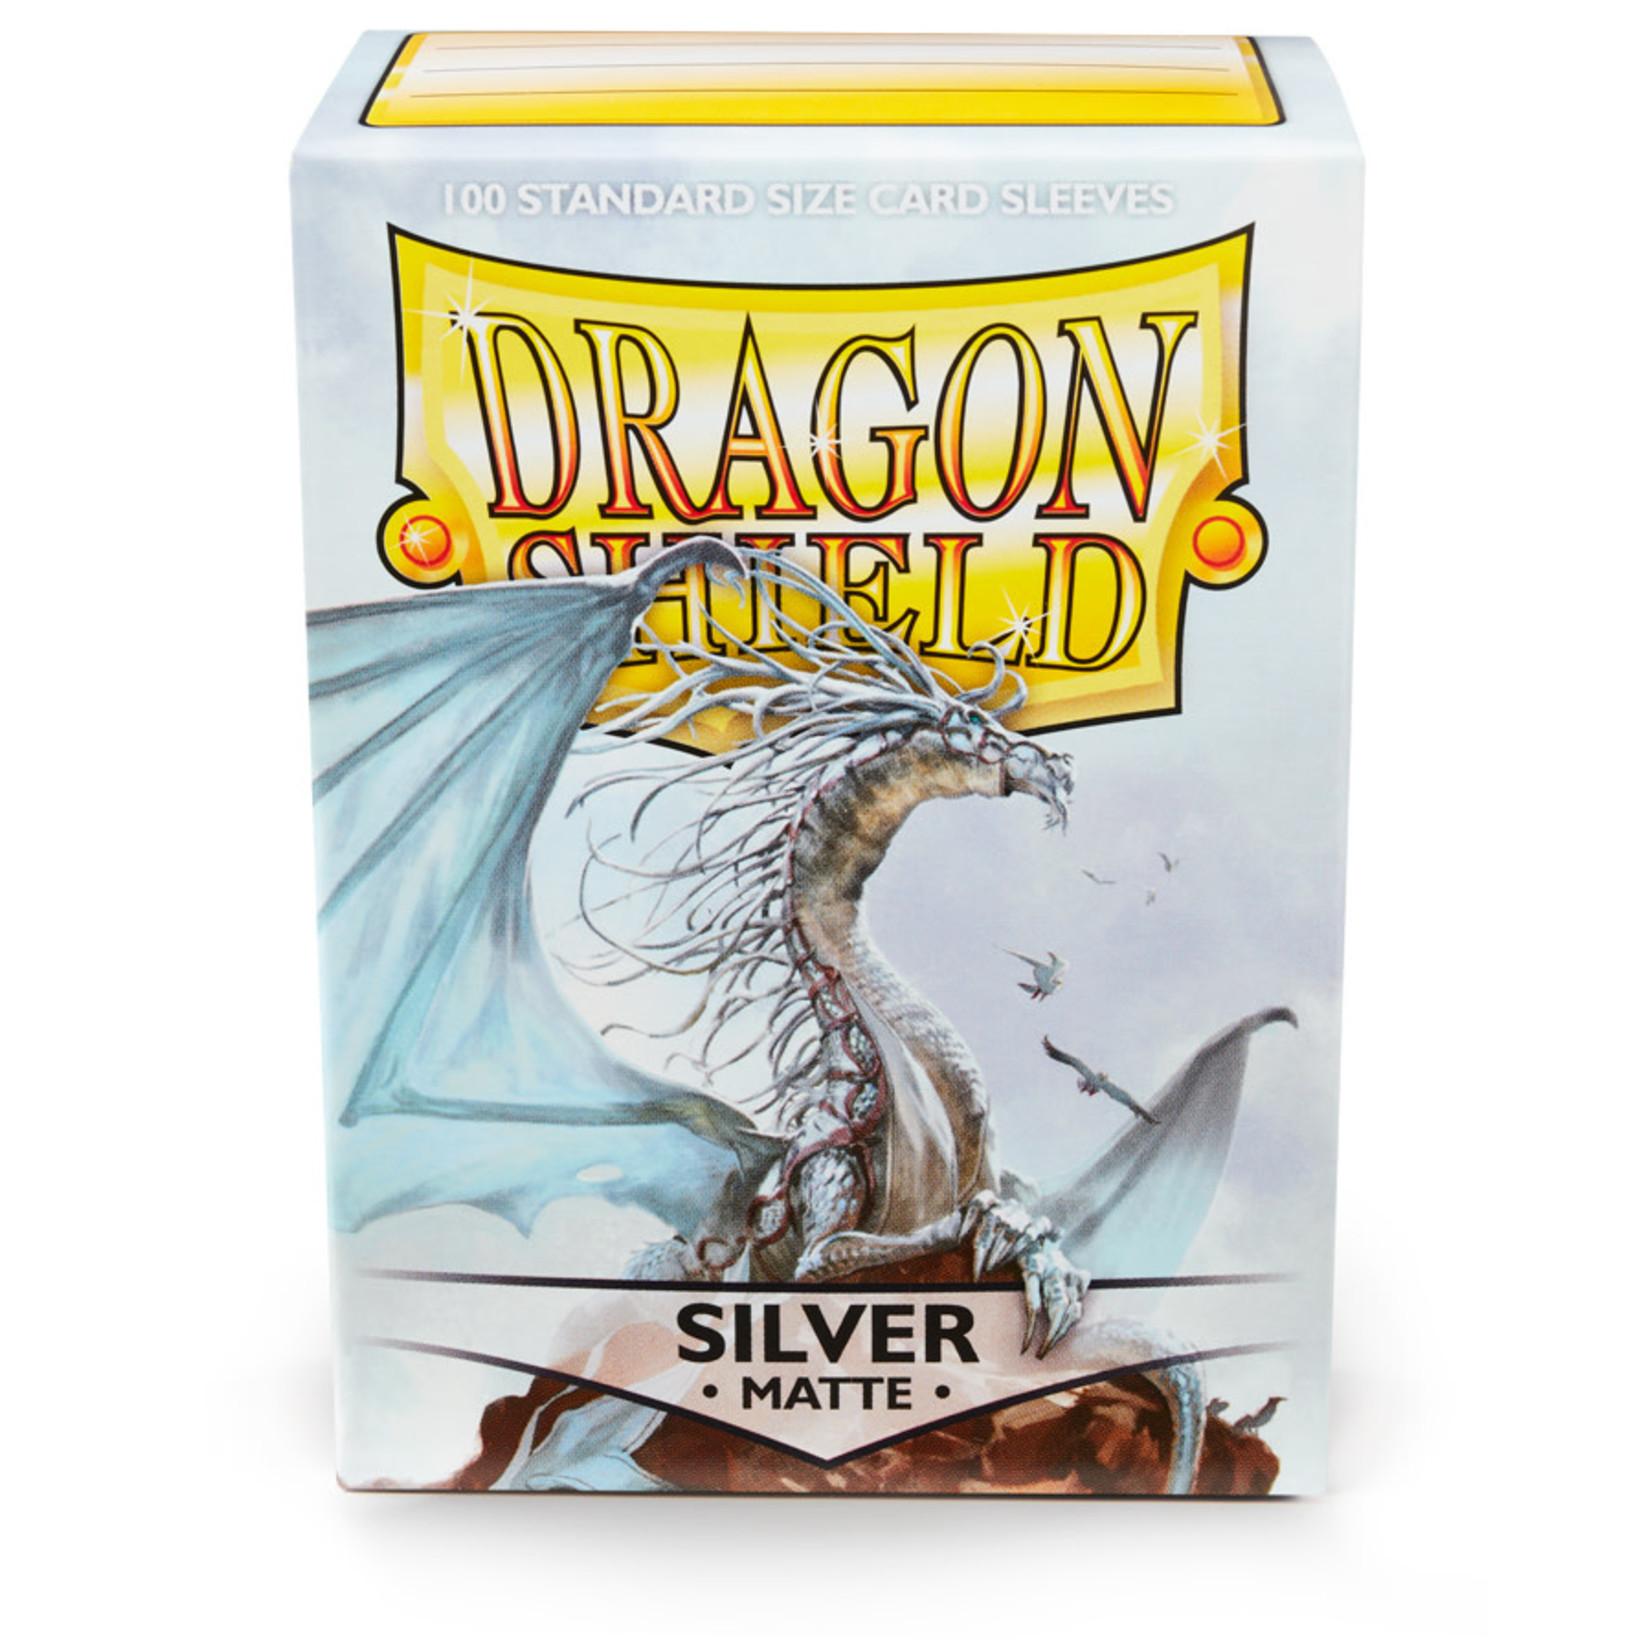 Arcane Tinmen Dragon Shield Matte Silver